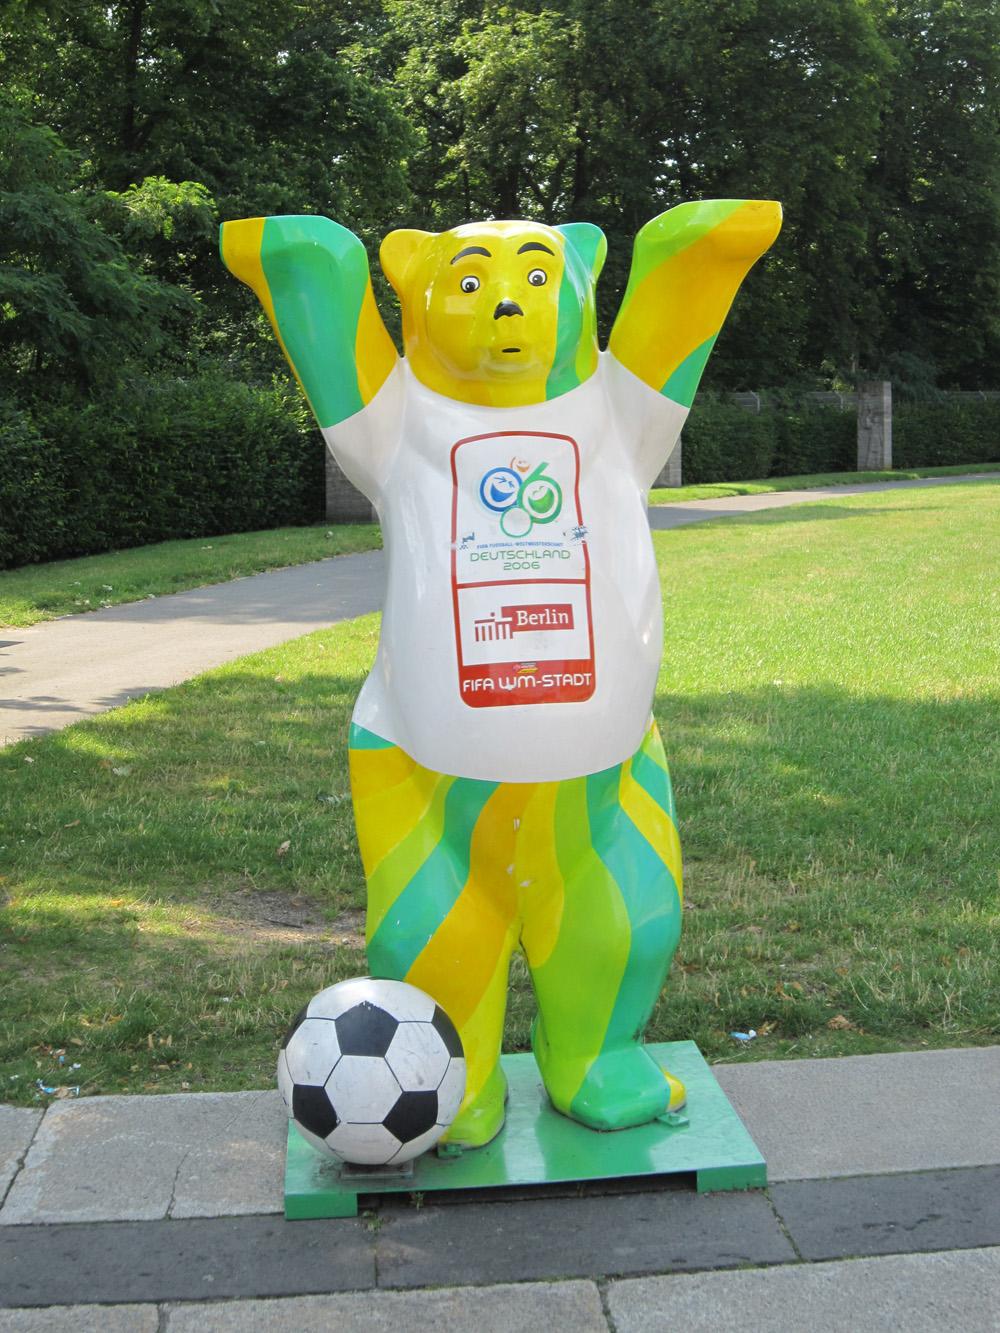 dfb-pokal på Olympia stadion - Olympia Stadion Berlin - Altid et besøg værd!